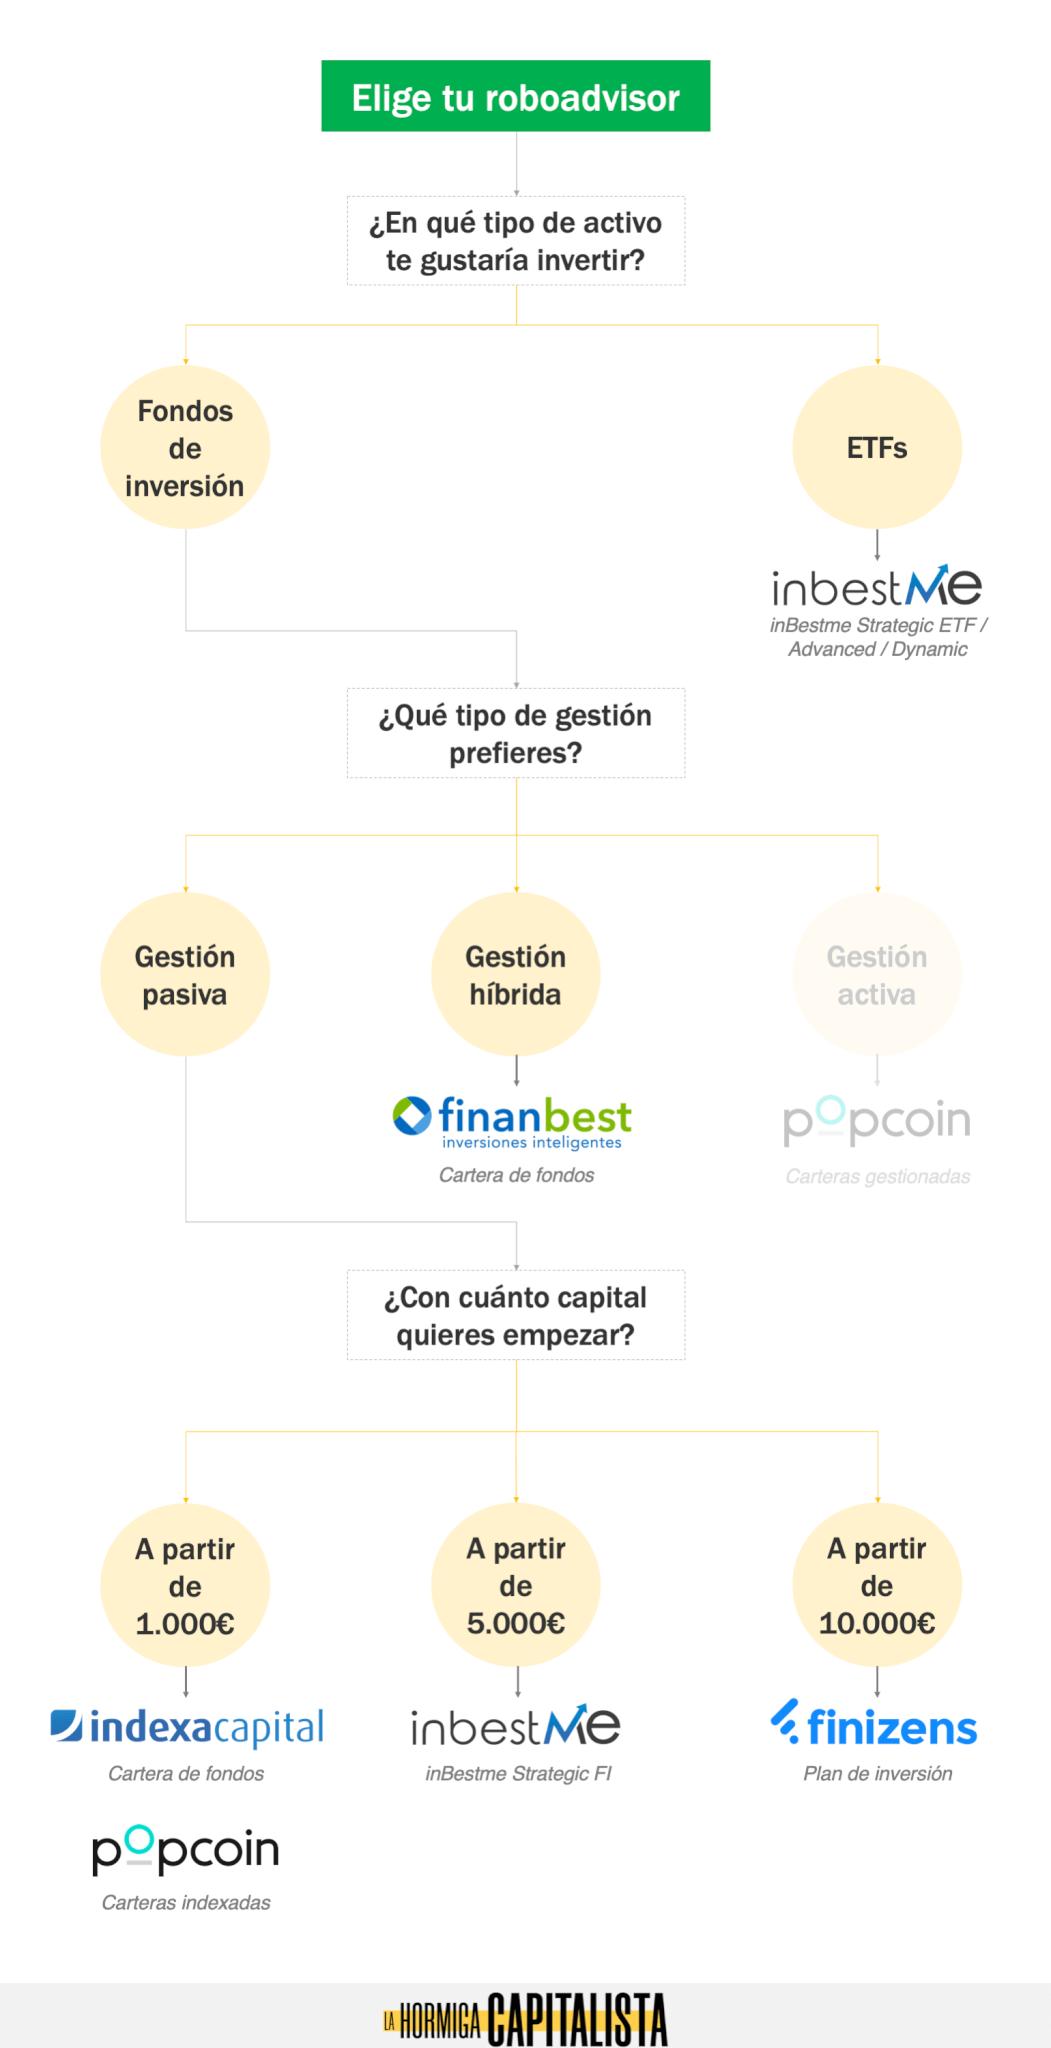 Algoritmo de decisión para elegir el mejor roboadvisor en España